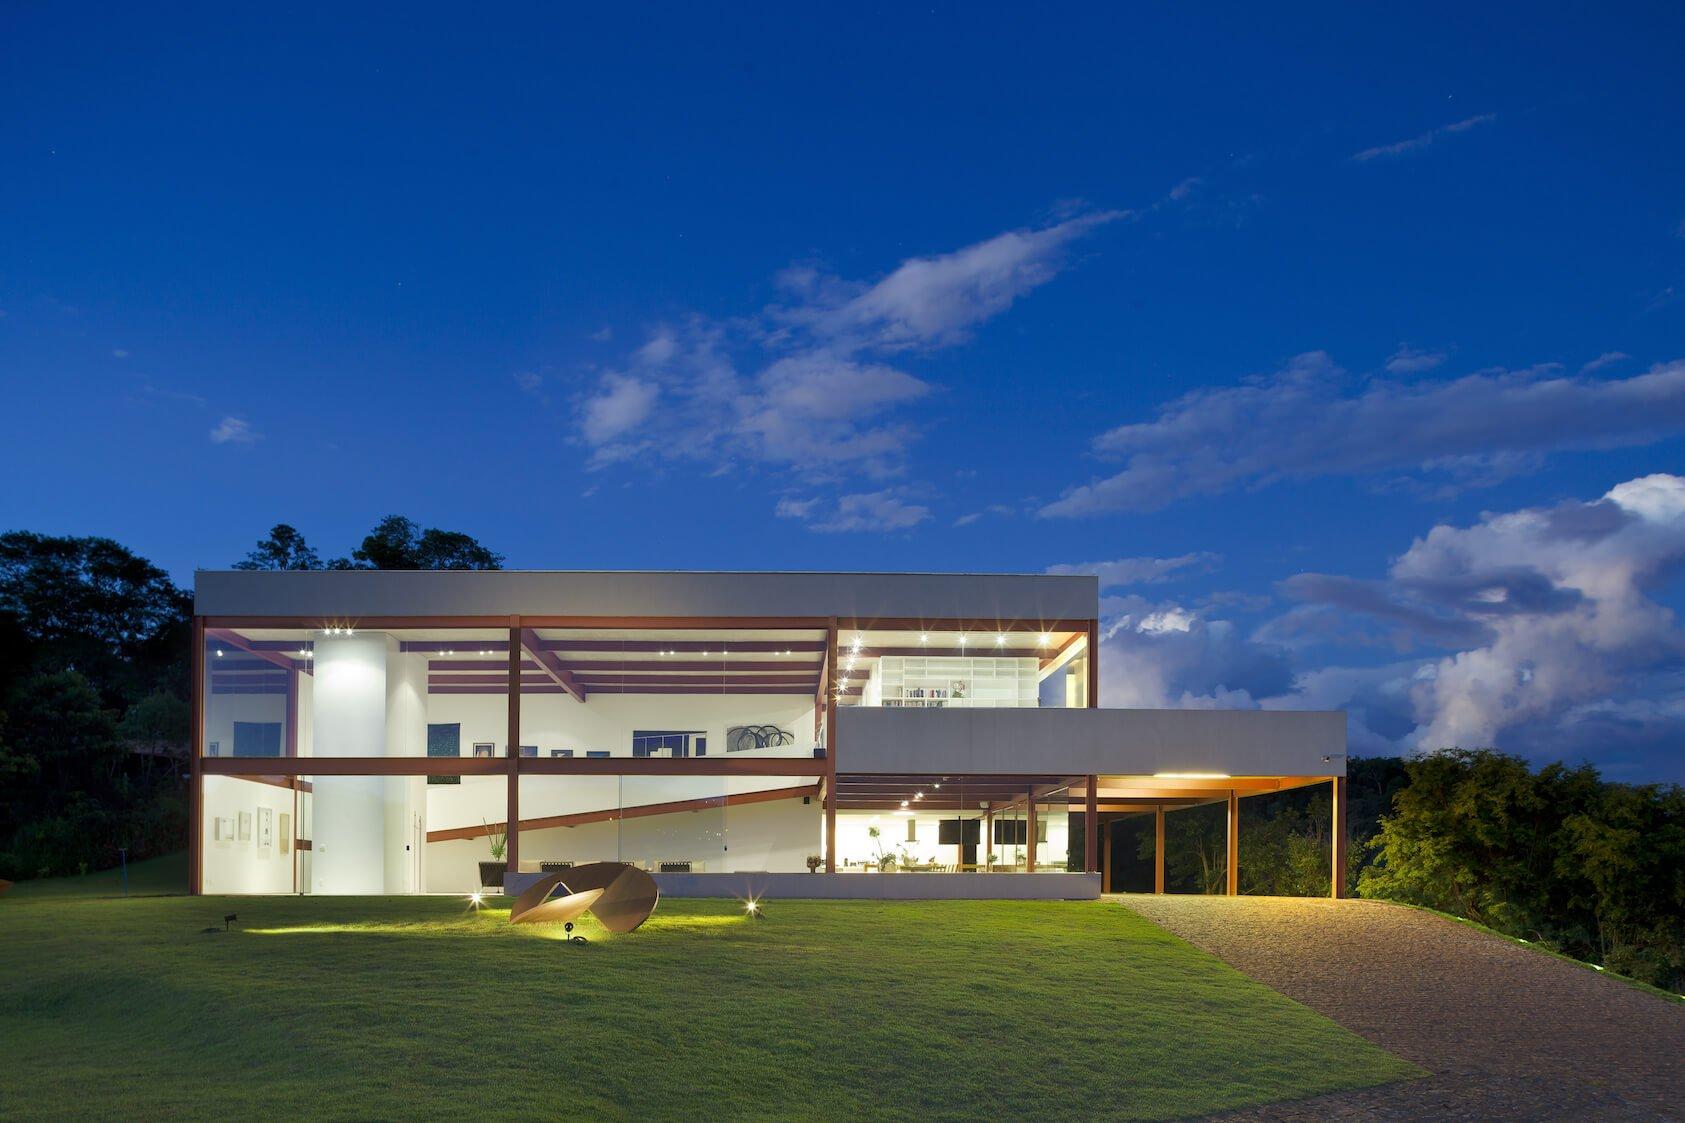 Stunning Casa das Gerais - an Art Gallery Modern Home by Denise Macedo Architects.